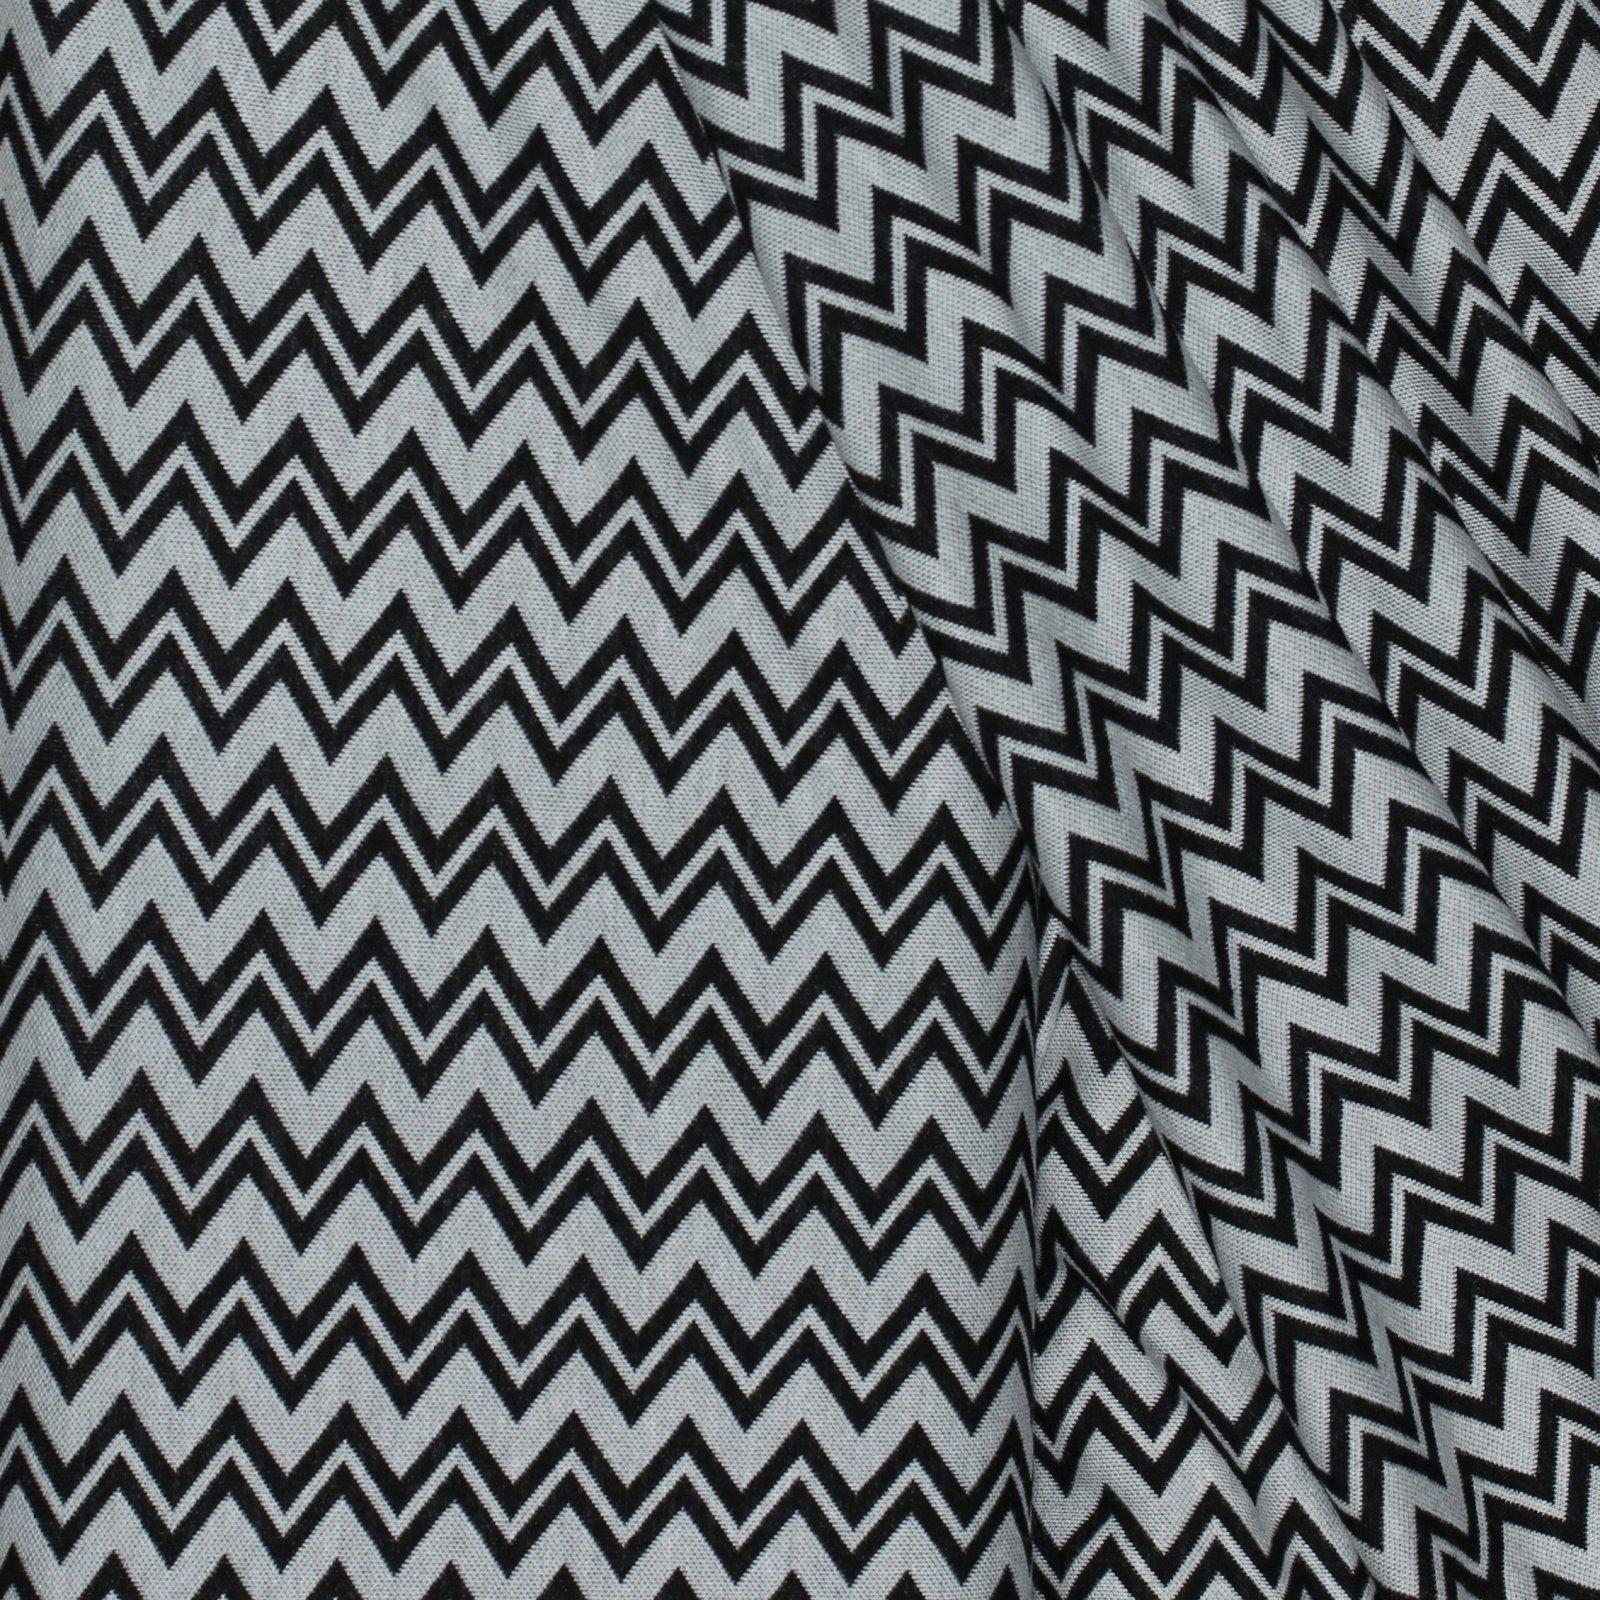 Black/White Chevron Italian Cotton Knit